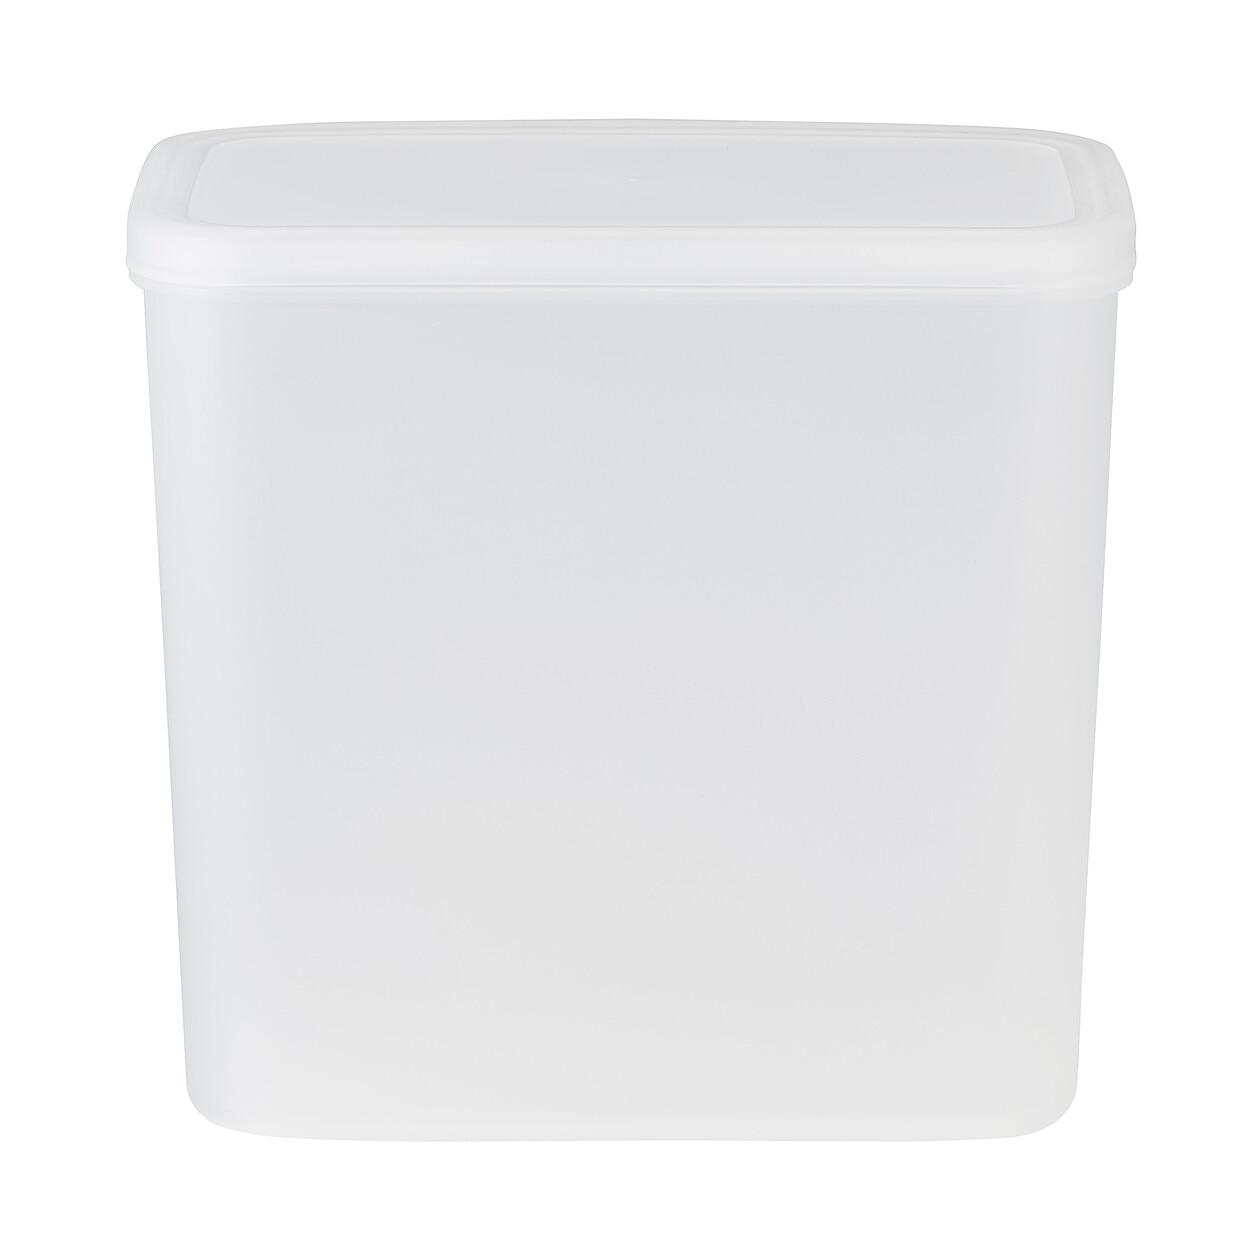 粉もの保存容器